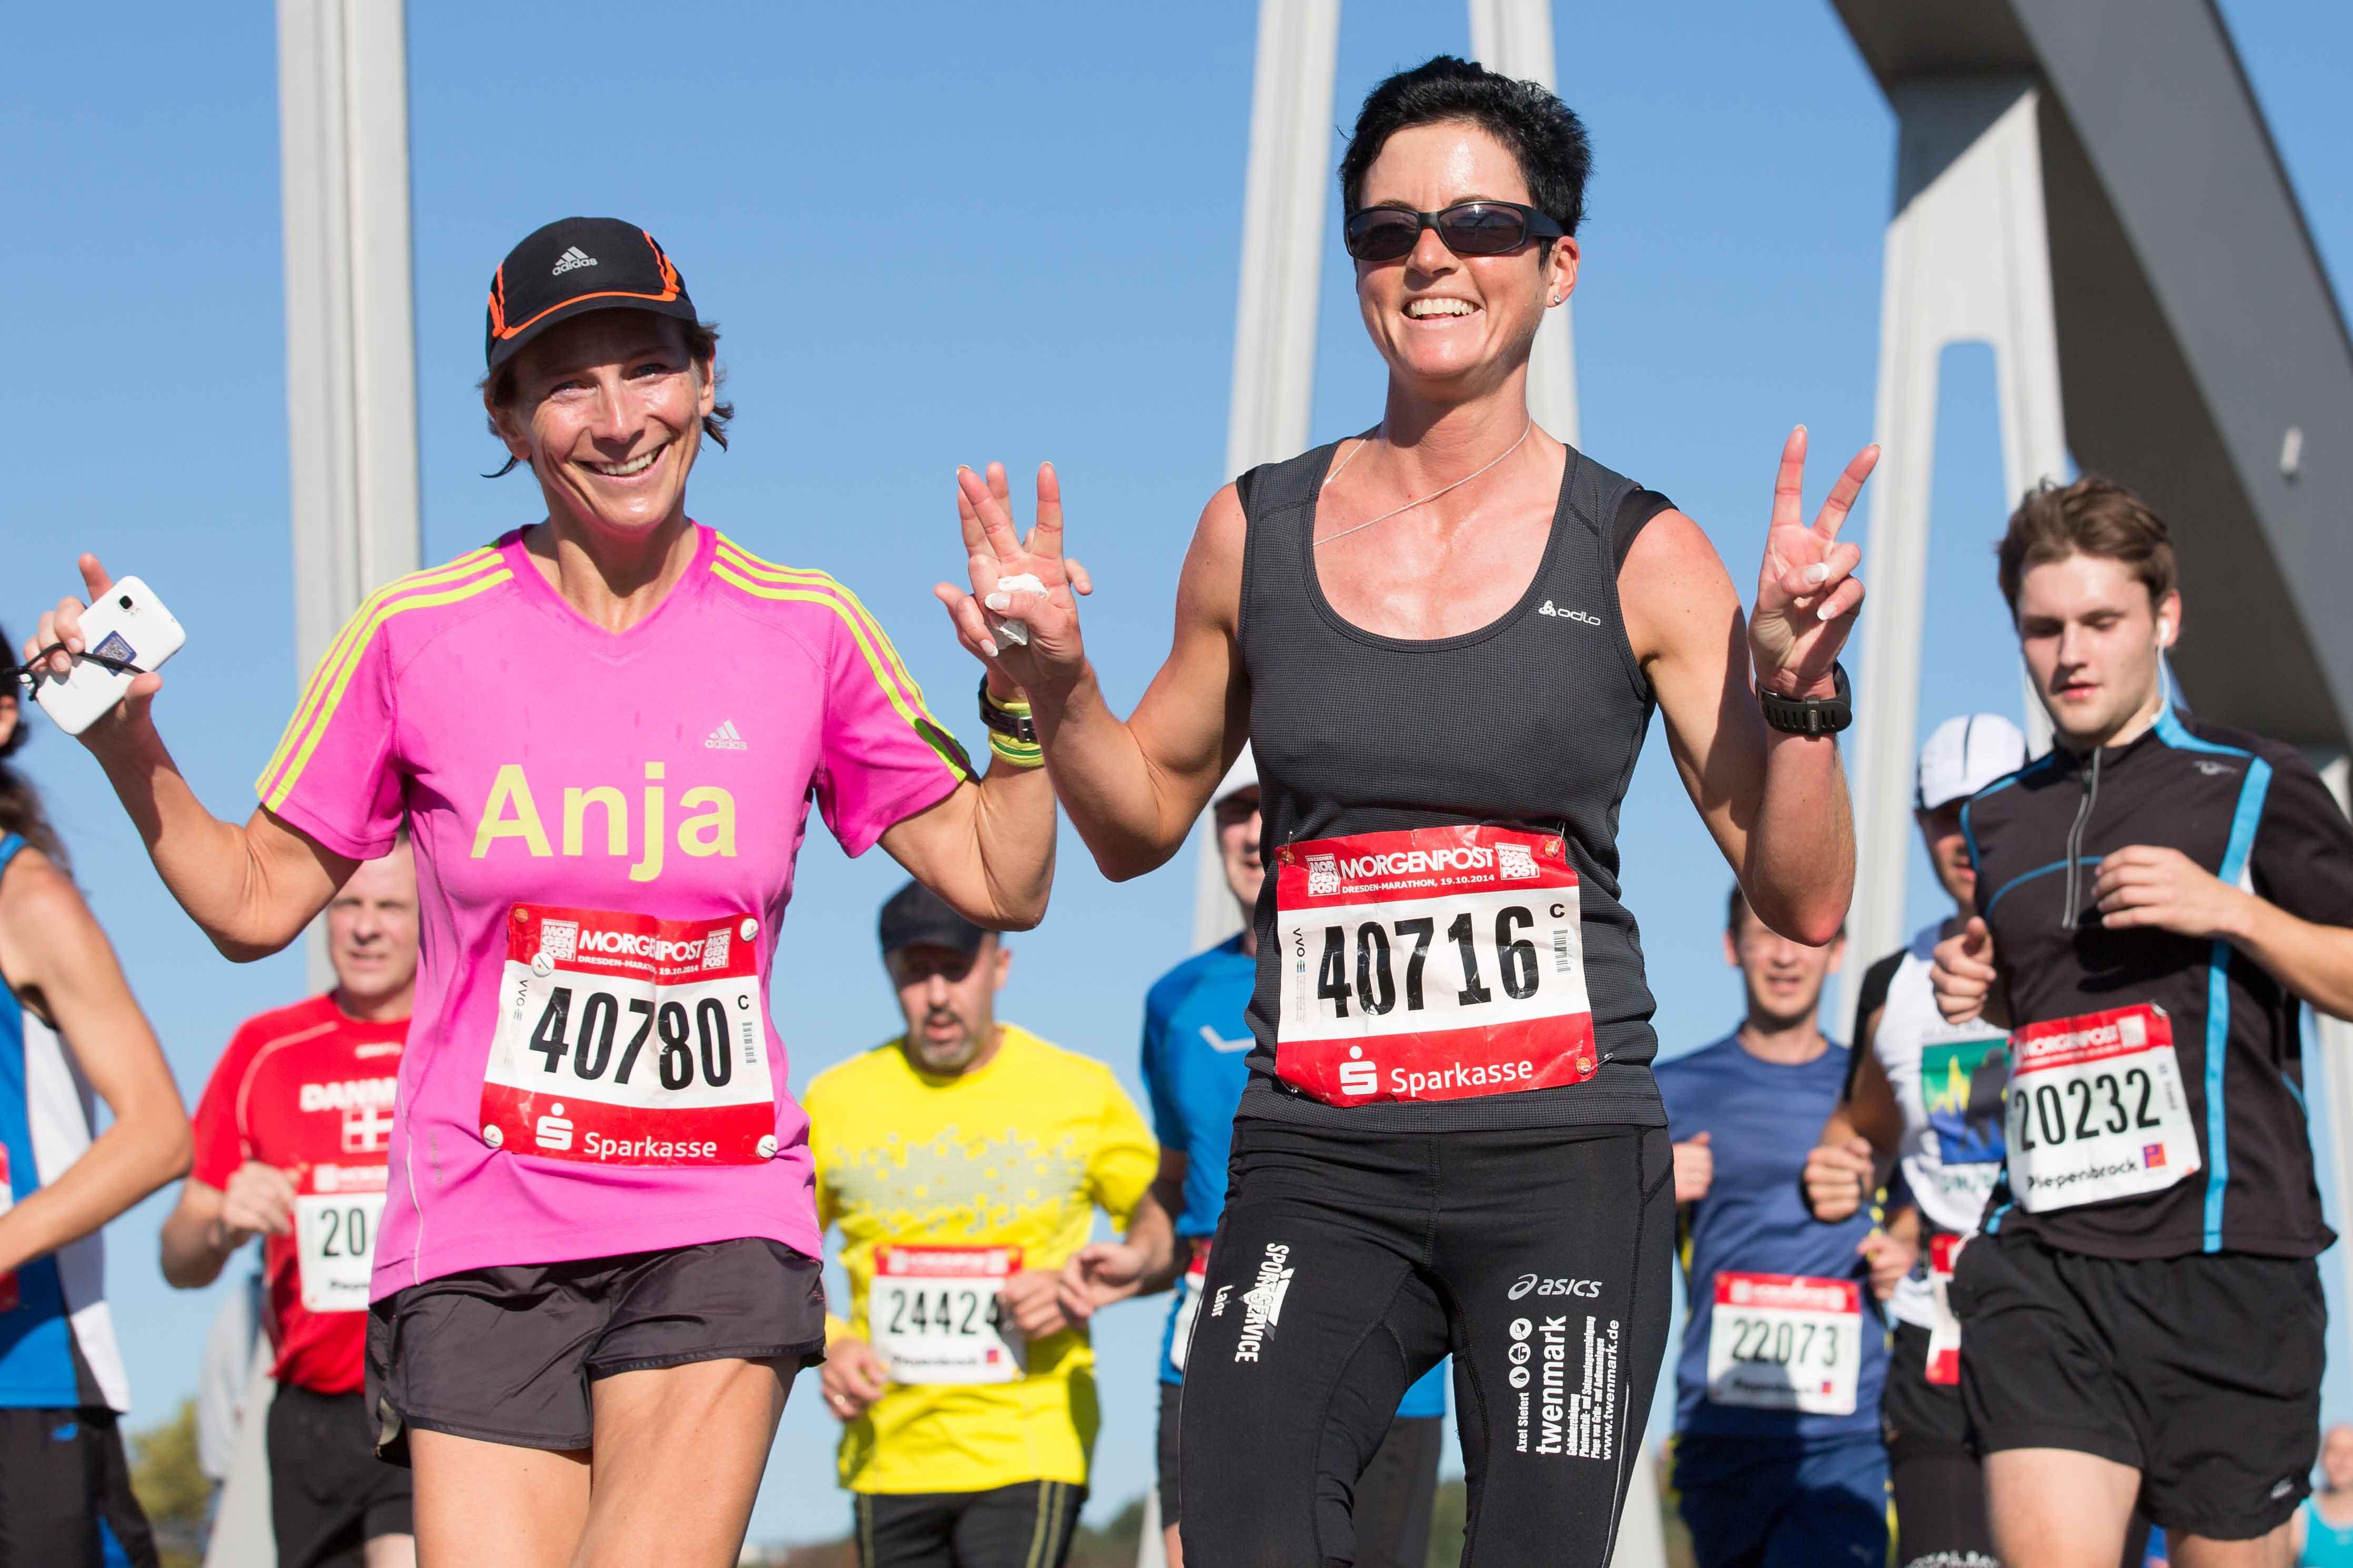 Läufer des Jahres 2014